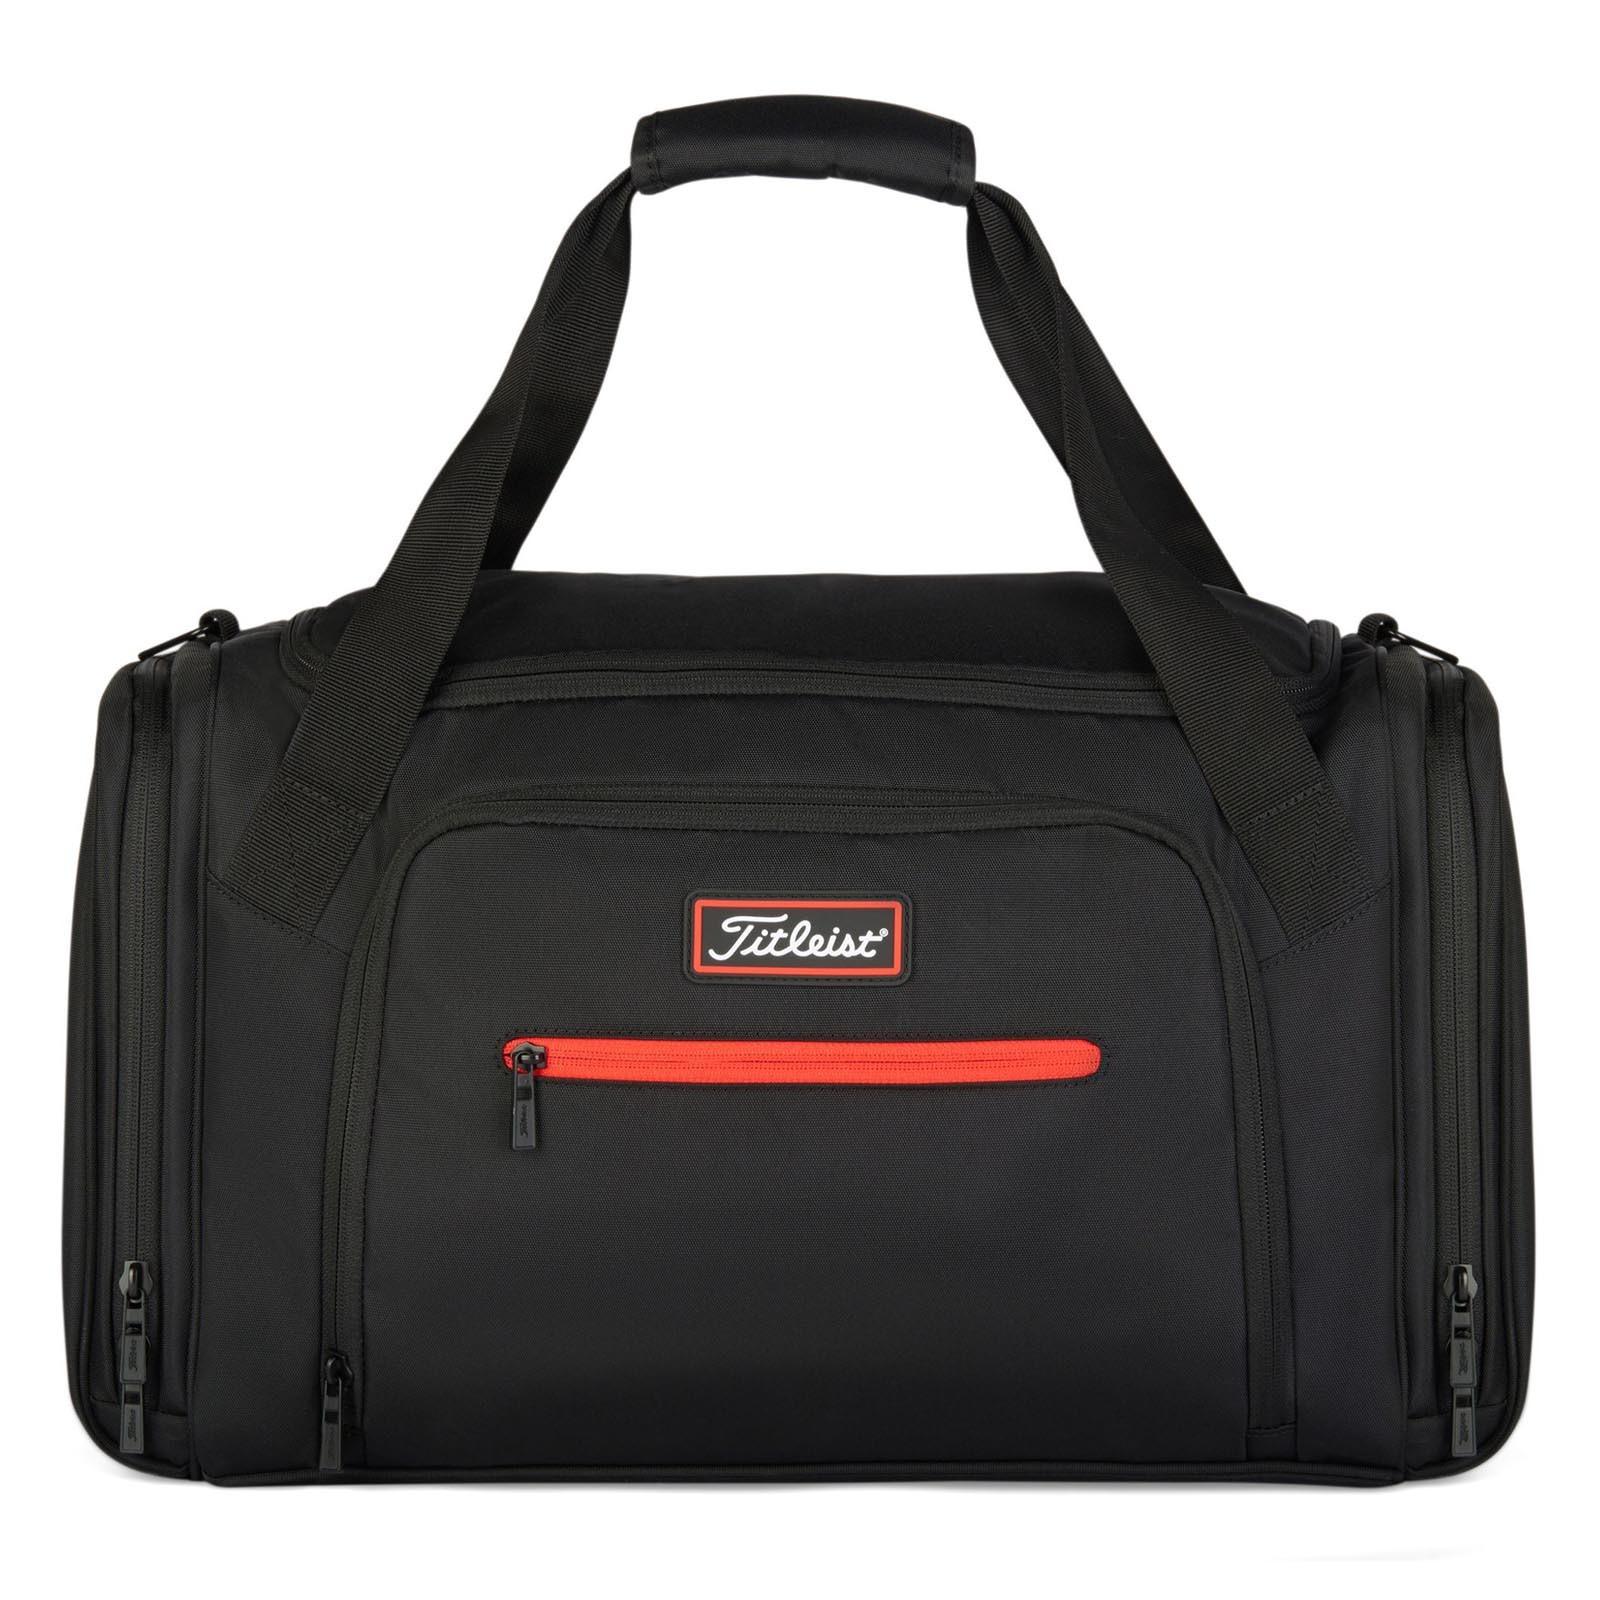 Titleist Players Duffel Bag - New 2020